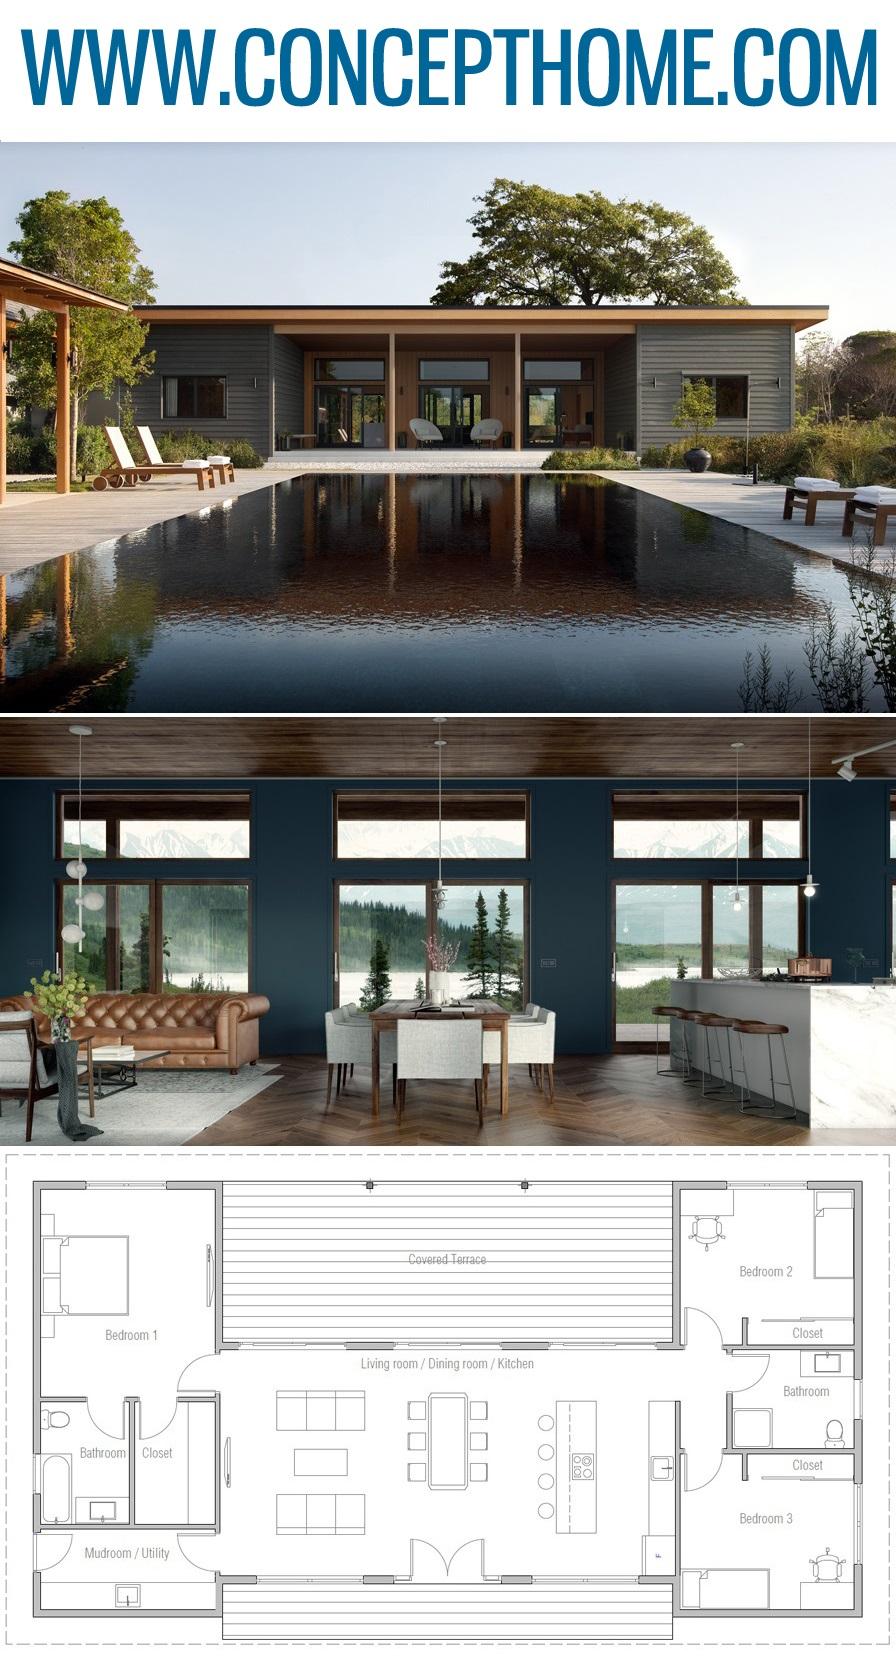 Plan de Maison, Architecture, Projet de Maison #plandemaison #maison #architecture #projetdemaison